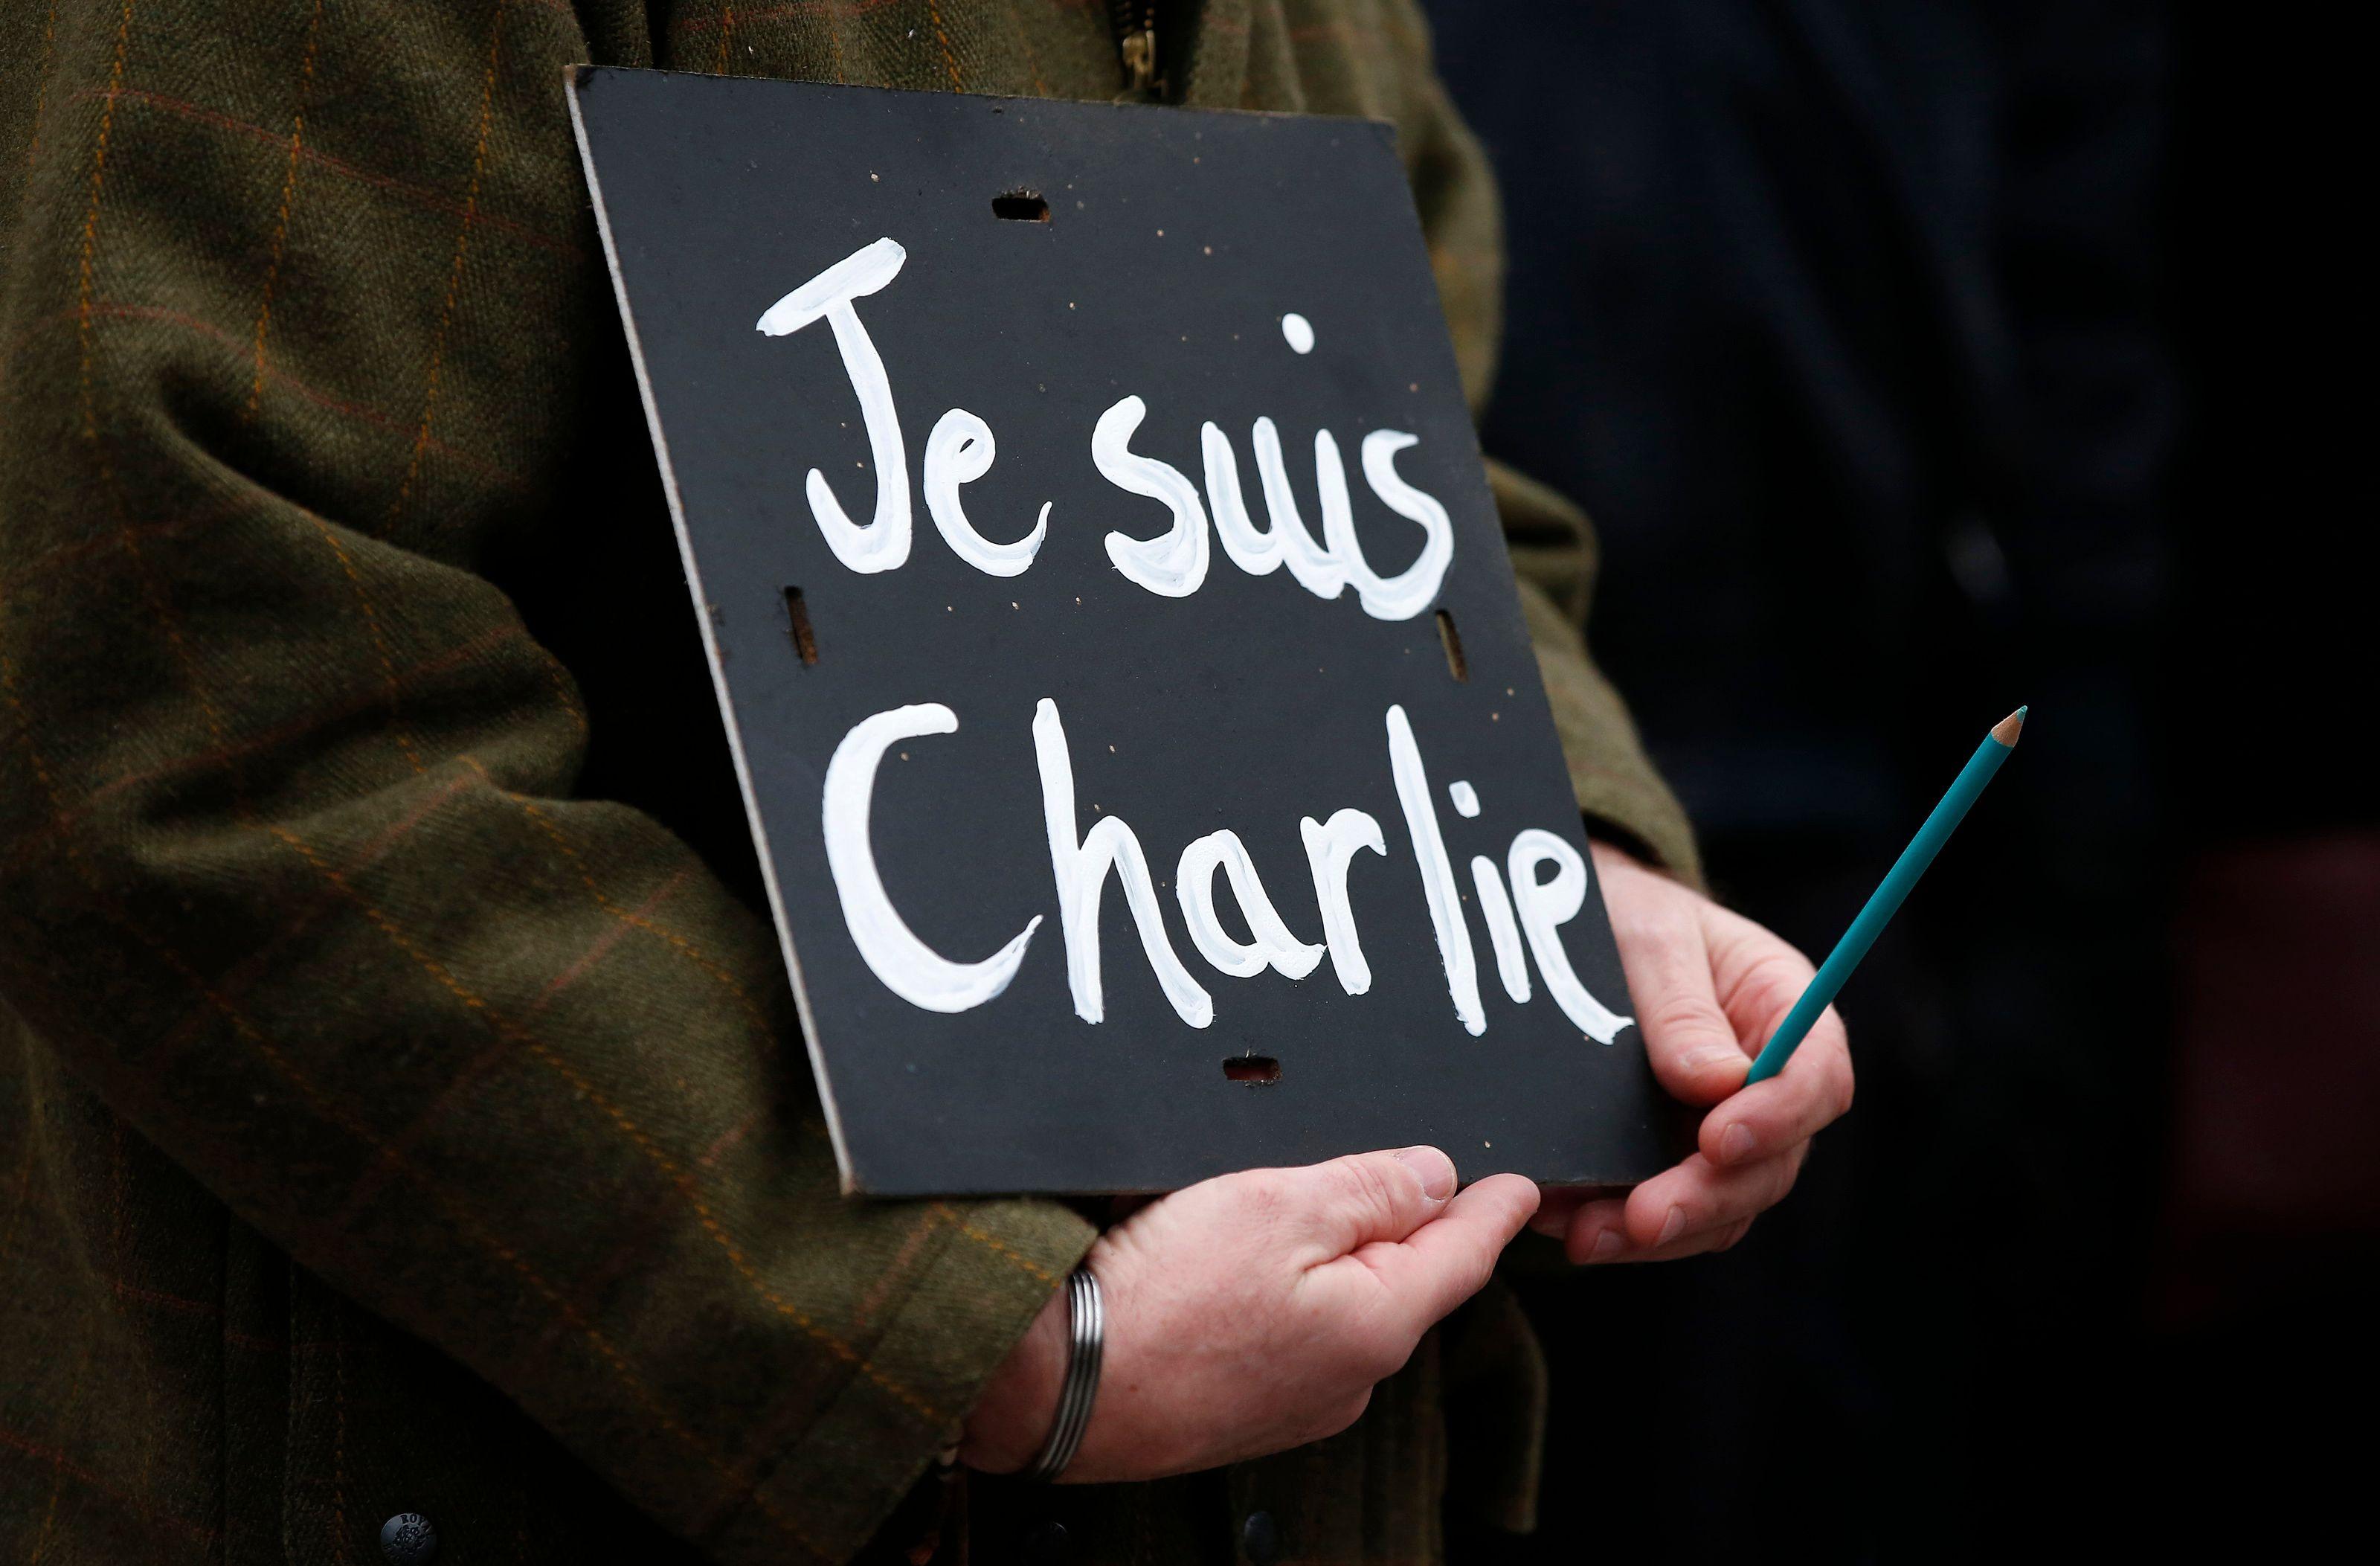 Janvier 2015. Le monde entier assiste avec sidération aux attentats de Paris.